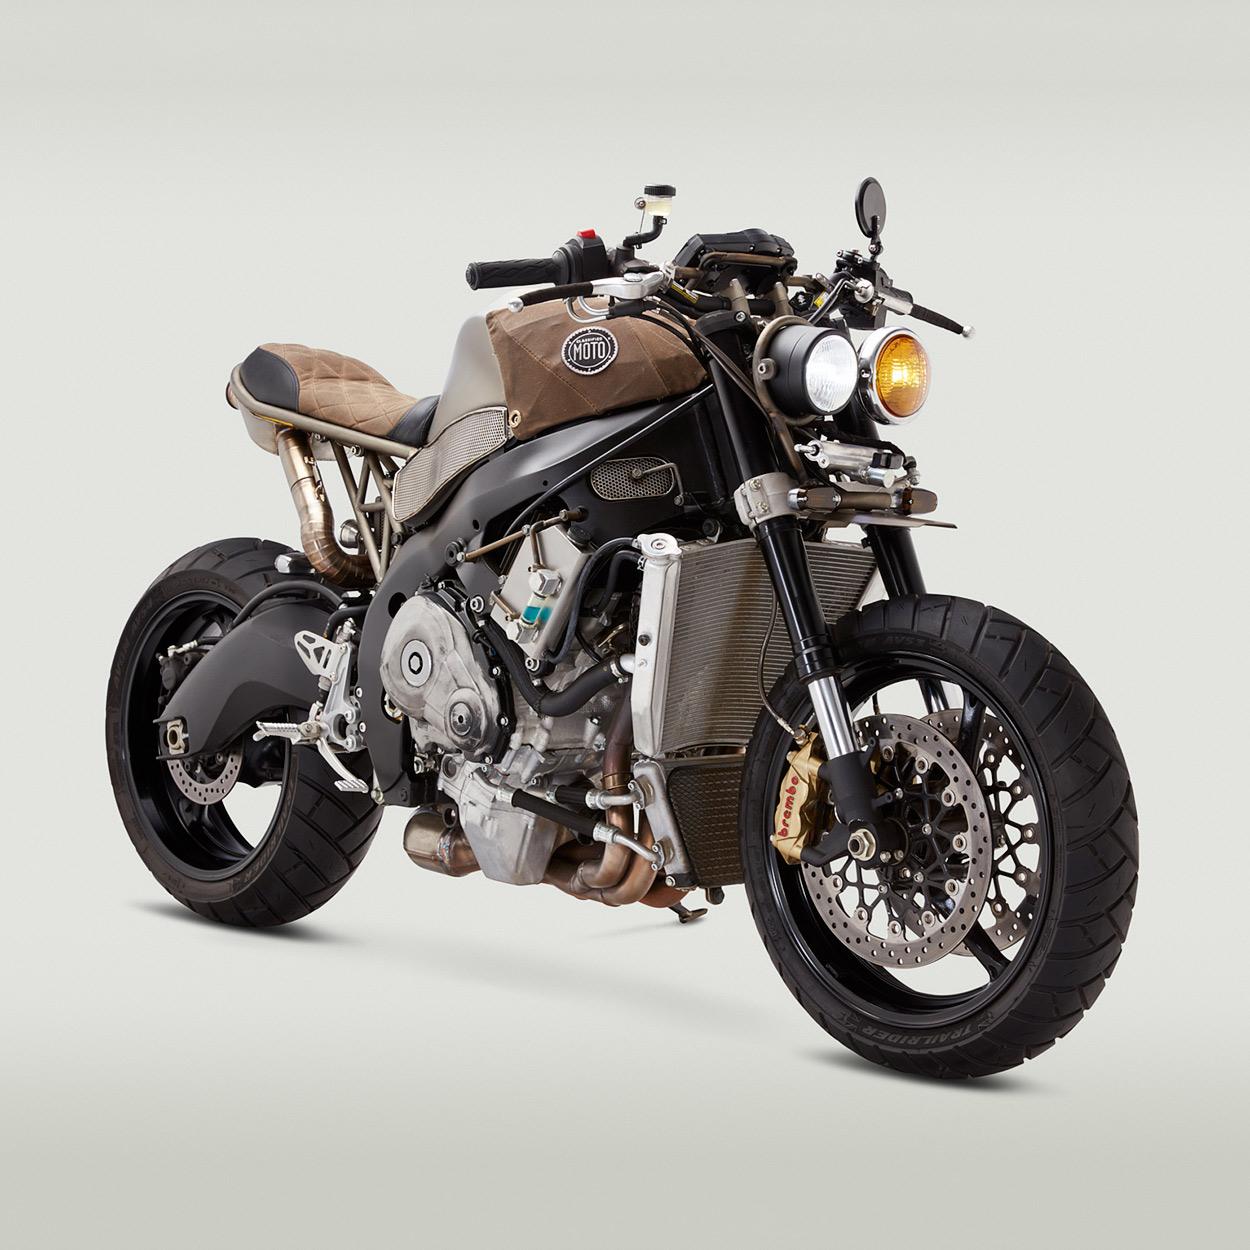 Classified's Suzuki GSXR: A 190 mph urban assault bike